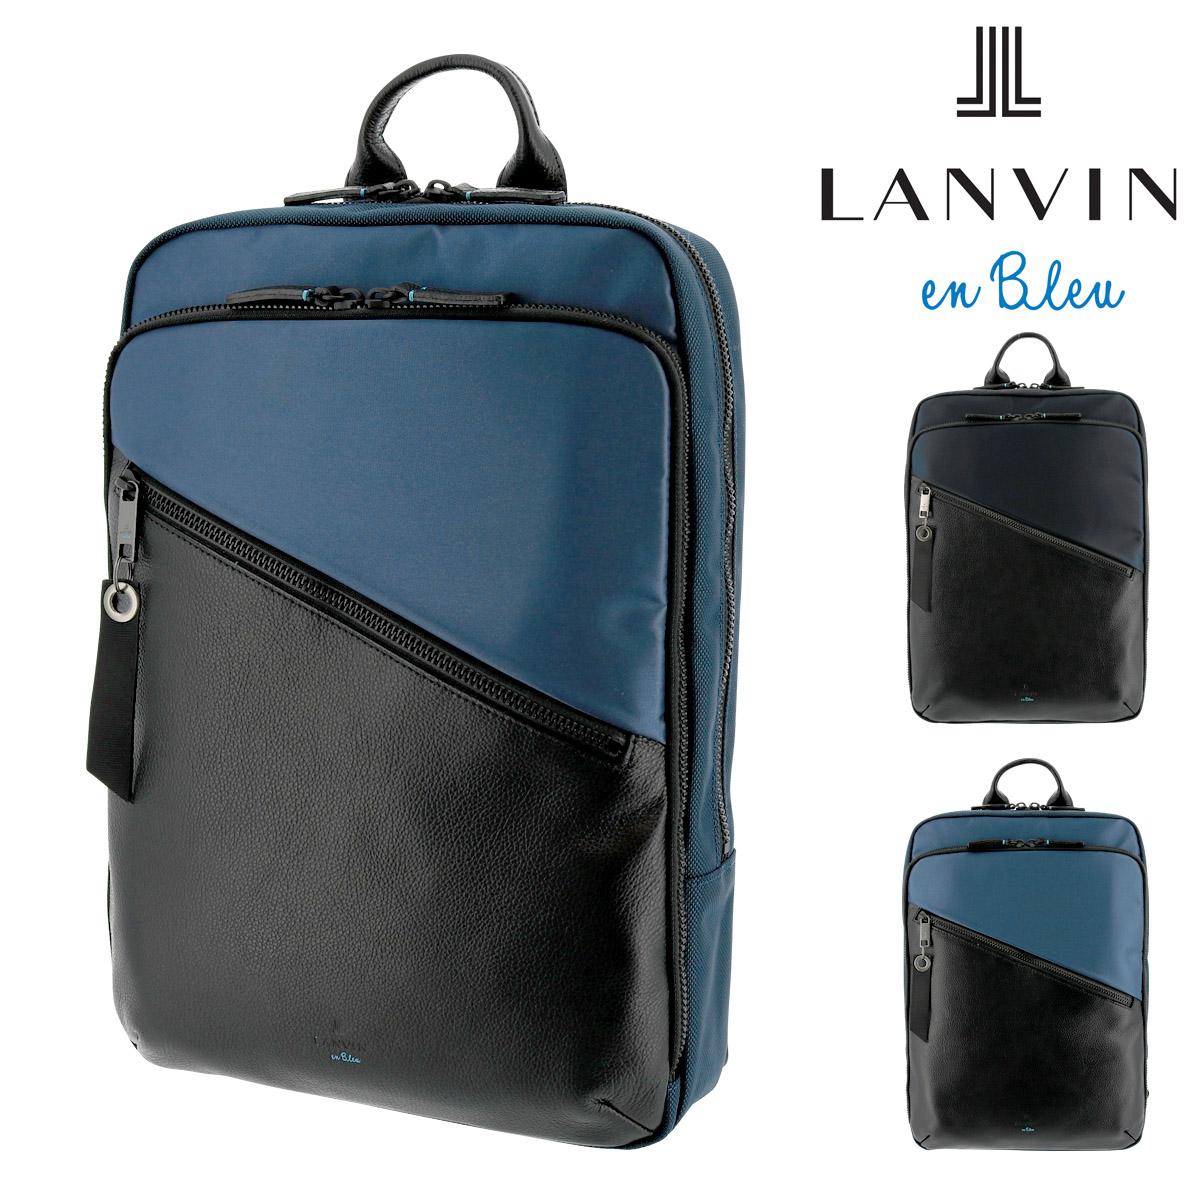 ランバンオンブルー リュック フェリックス メンズ 564722 日本製 LANVIN en Bleu | リュックサック バックパック スクエア ナイロン 牛革 本革 レザー[bef][PO10]